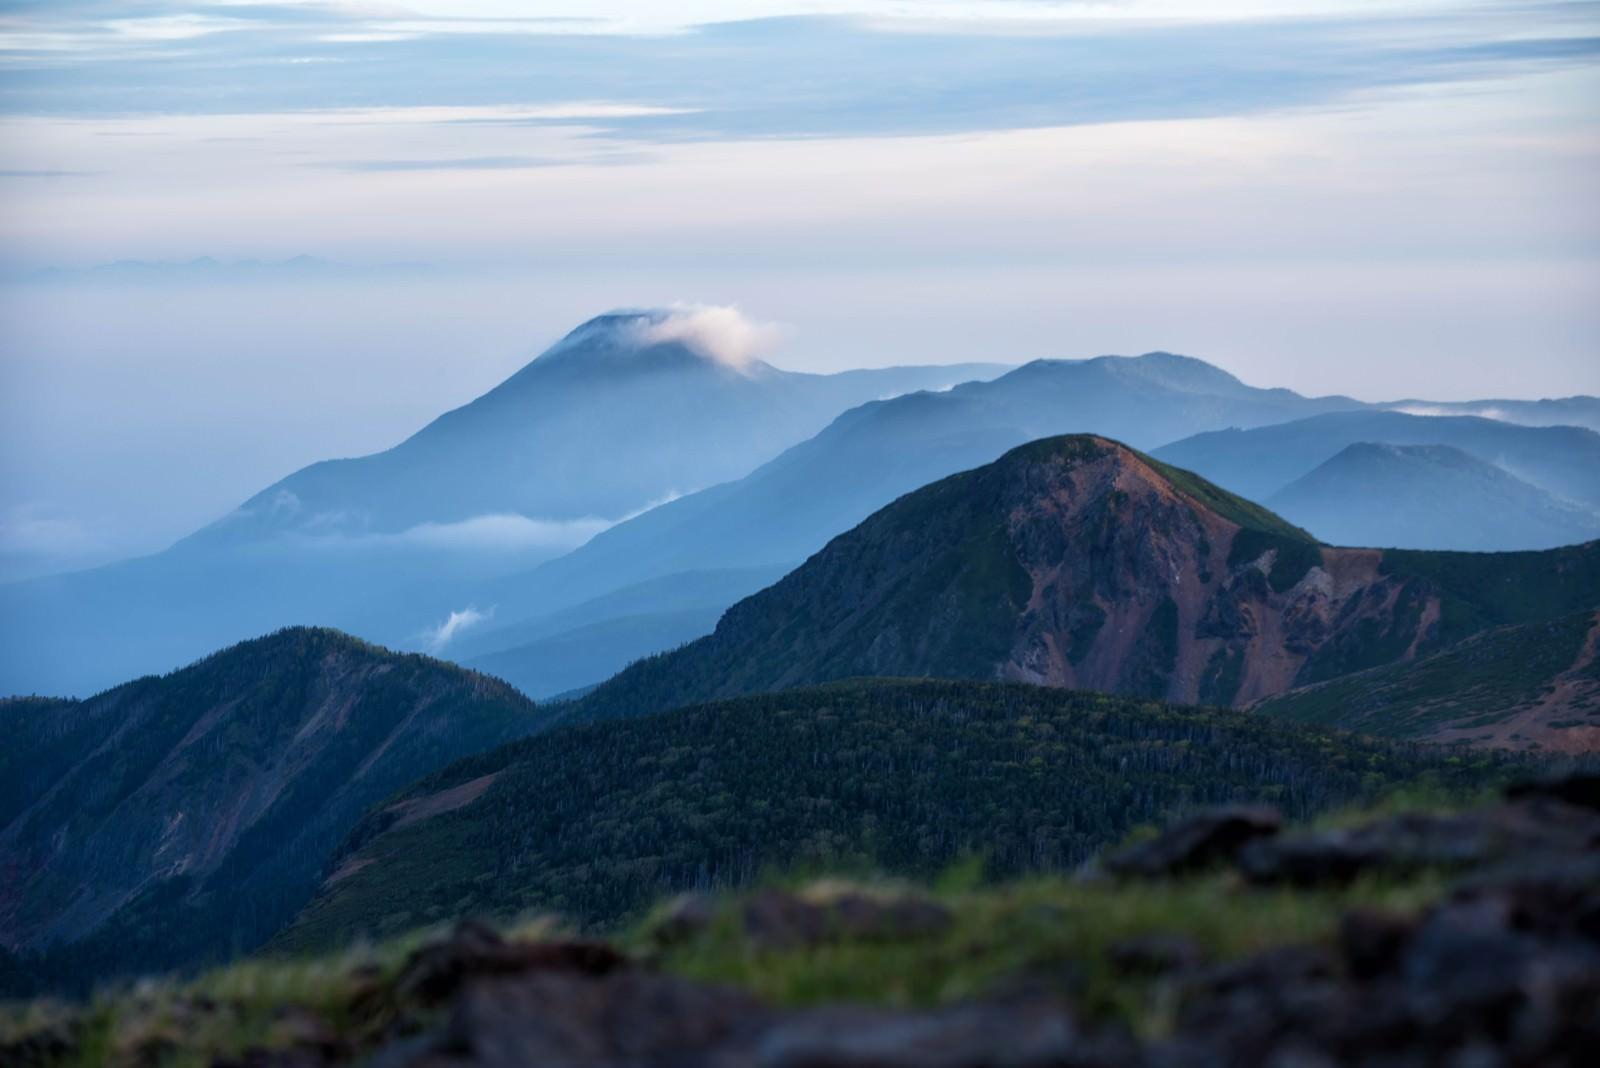 「霞がかり雲のかかる蓼科山と」の写真